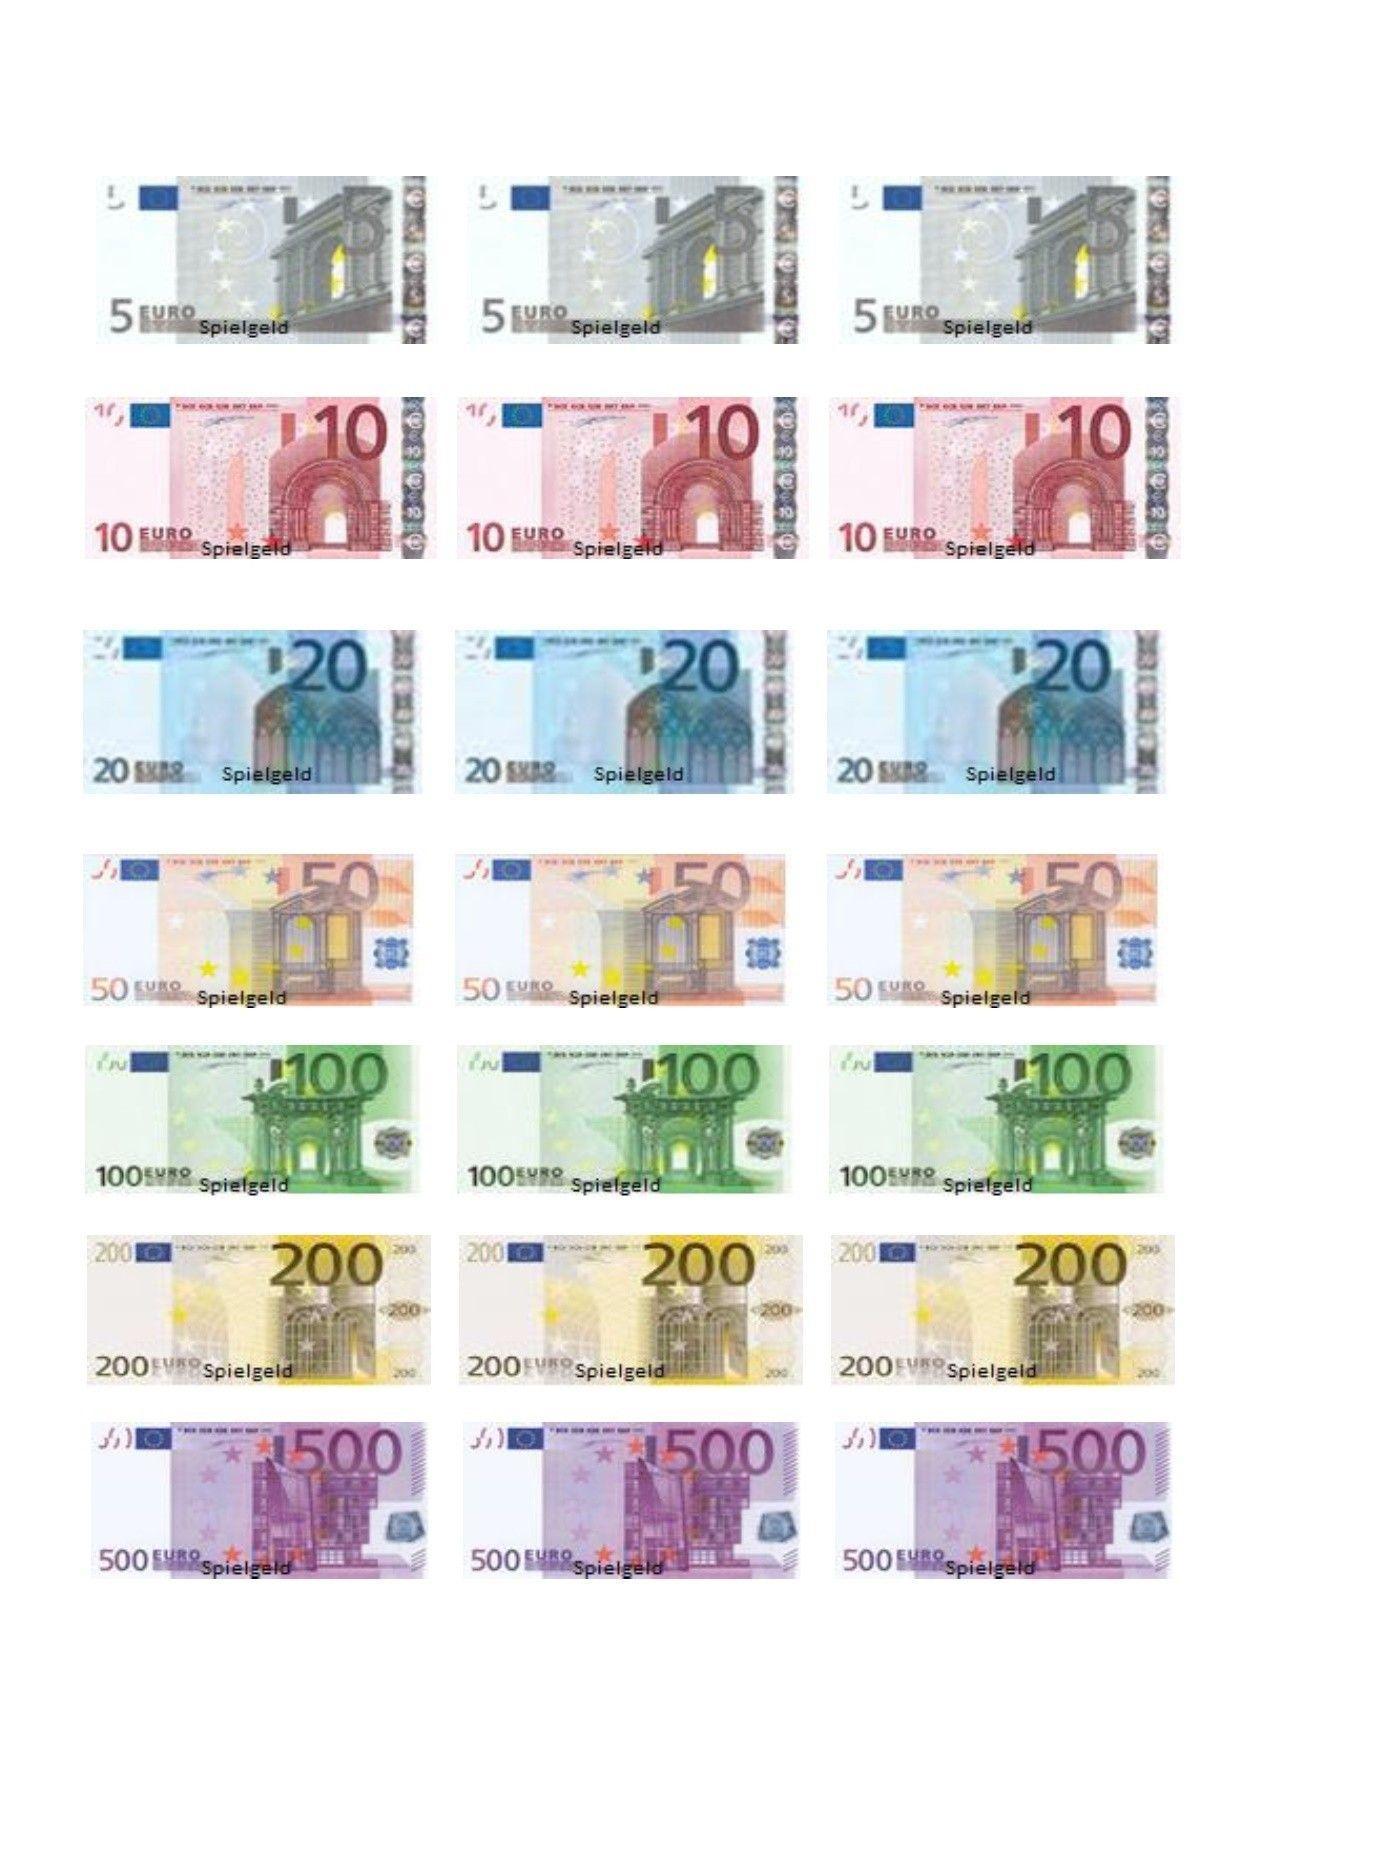 Geld Drucken Kostenlos : drucken, kostenlos, Färbung, #Malvorlagen, #MalvorlagenfürKinder, Spielgeld,, Geld,, Scheine